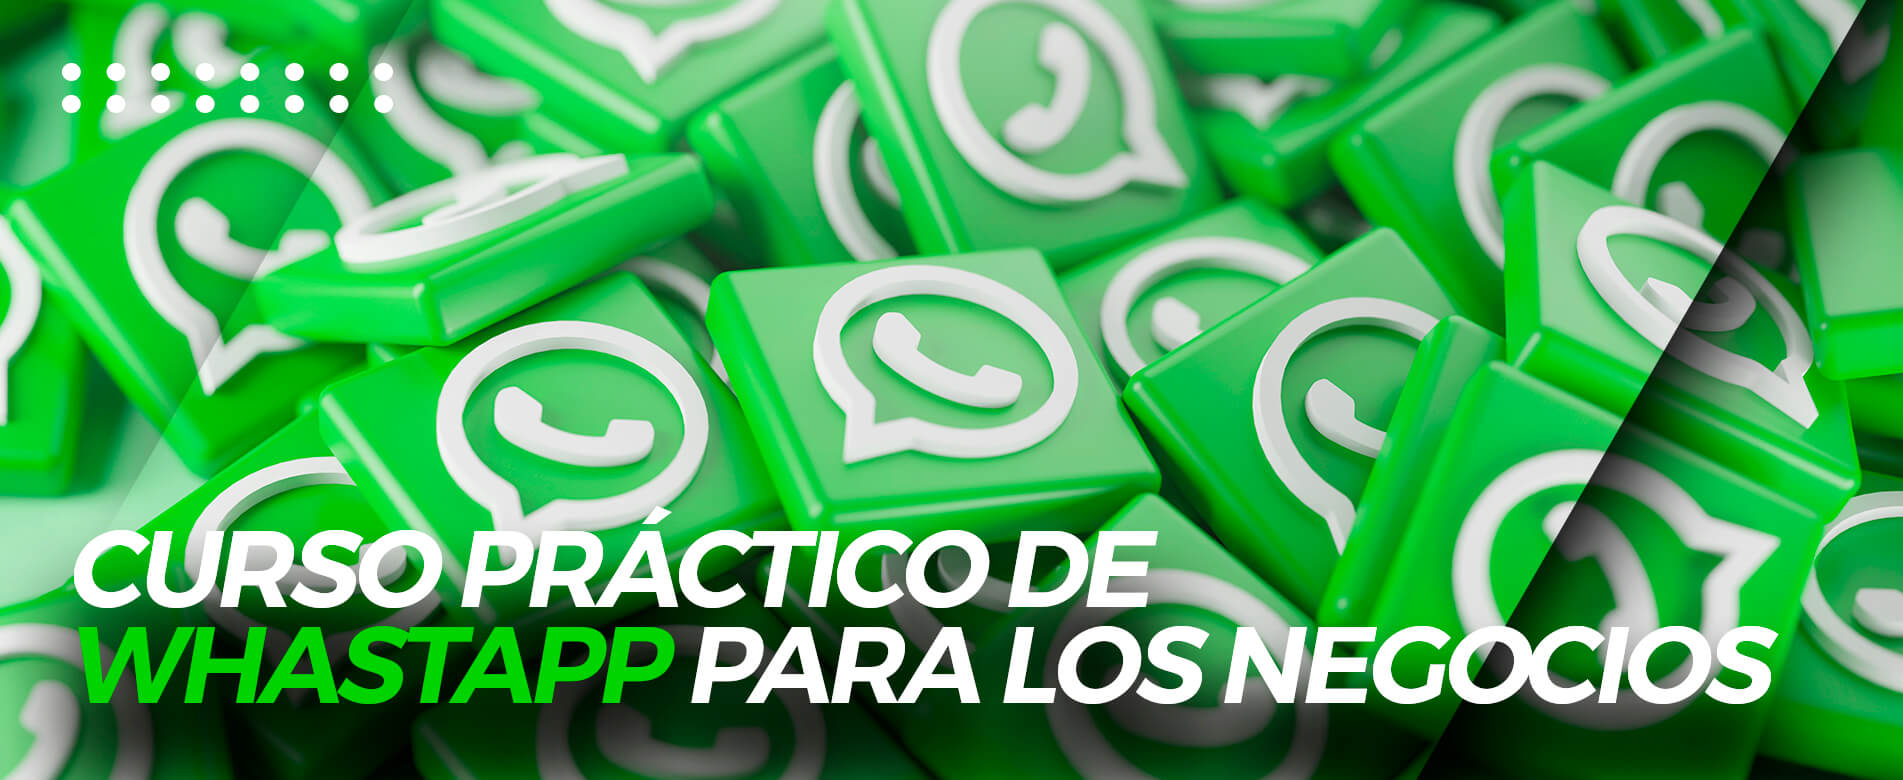 Curso Práctico de Whatsapp para los Negocios